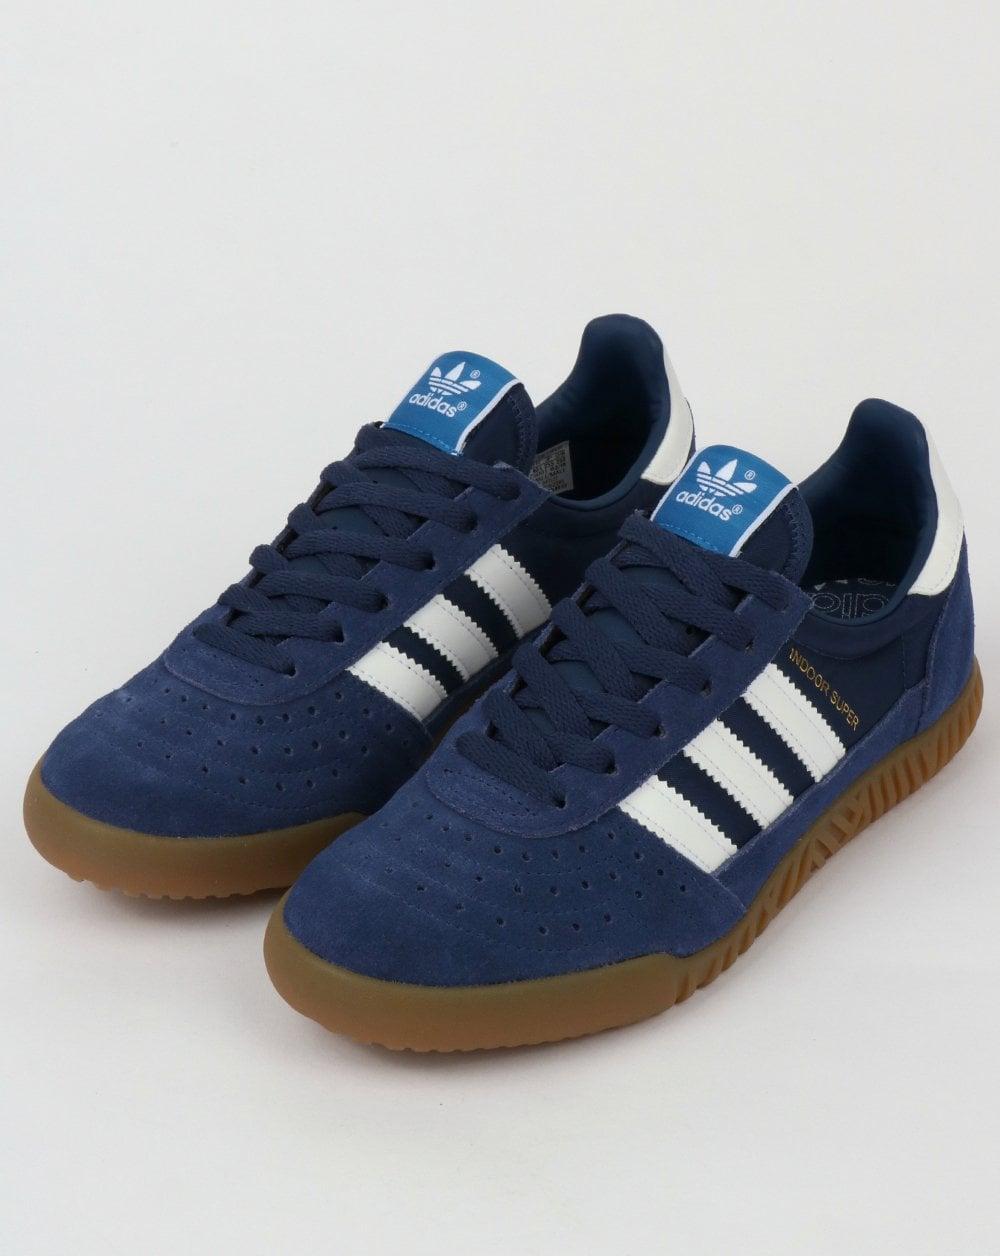 Adidas Indoor Super Trainer Indigo Blue